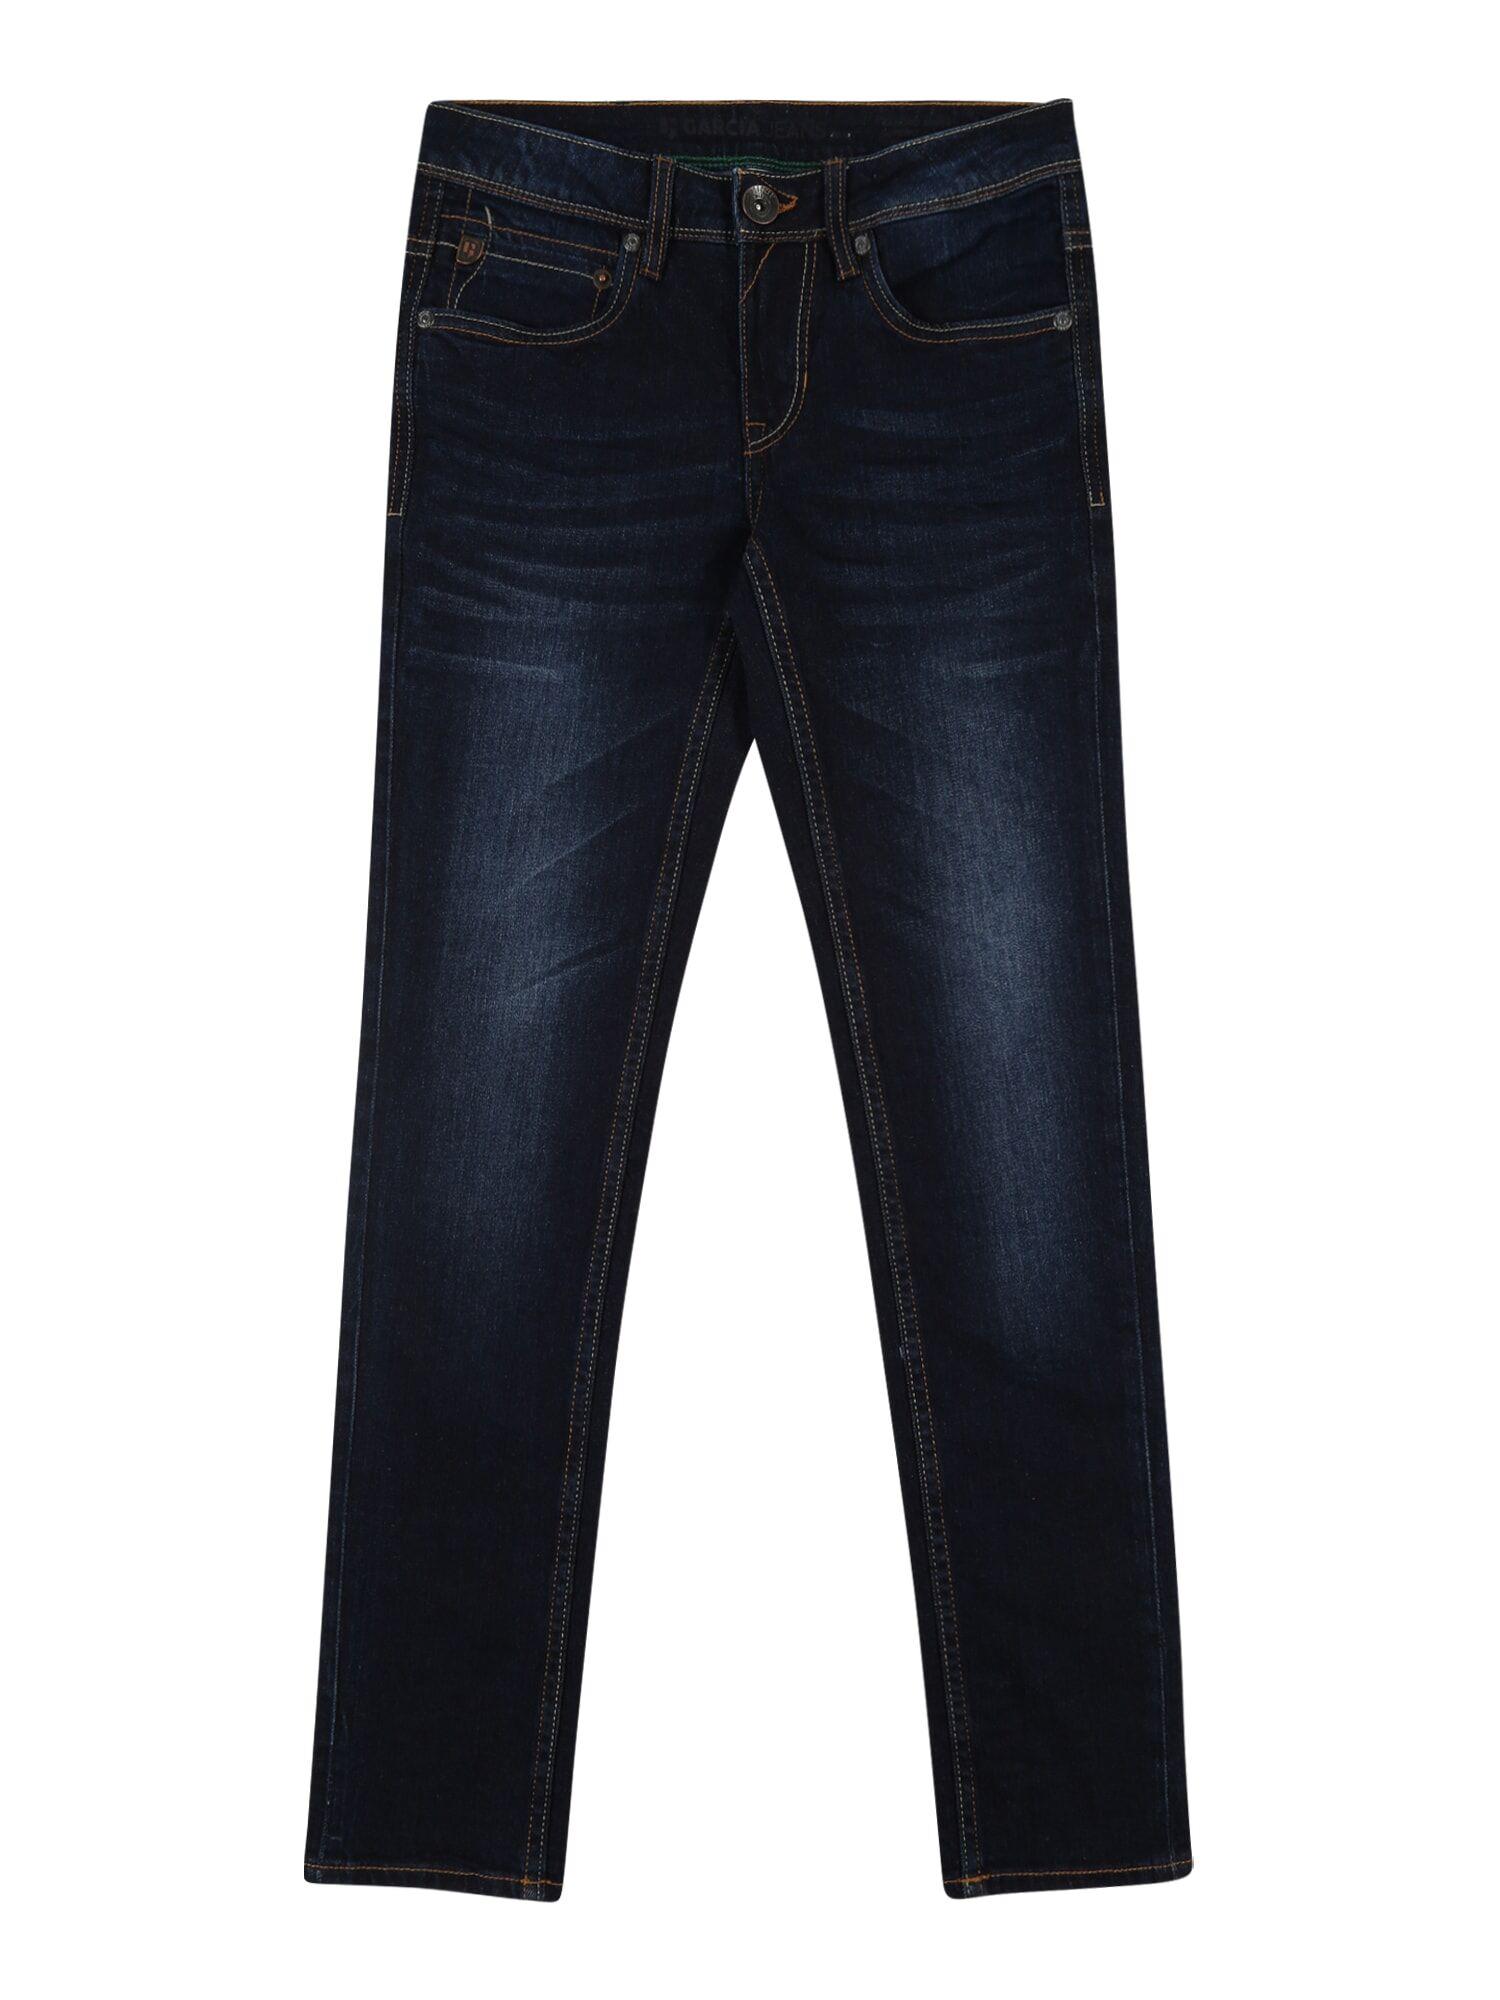 GARCIA Jean 'Xandro'  - Bleu - Taille: 128 - boy